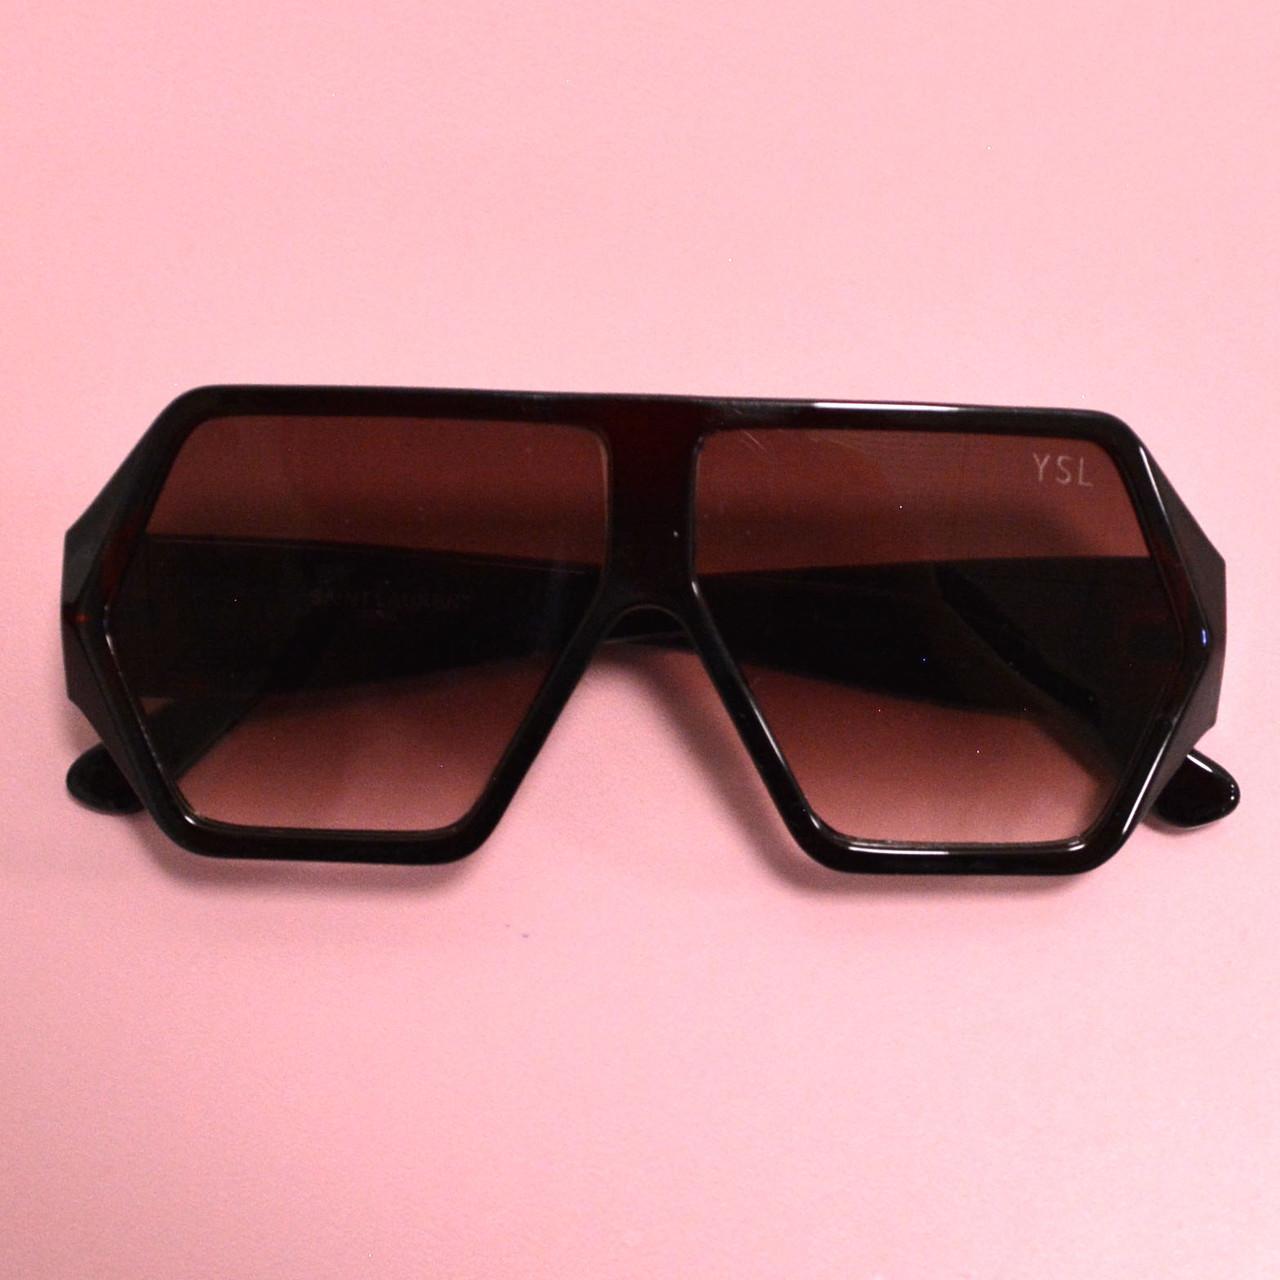 Солнцезащитные очки с коричневыми стеклами с широкой коричневой дужкой YSL 3010 - фото 7